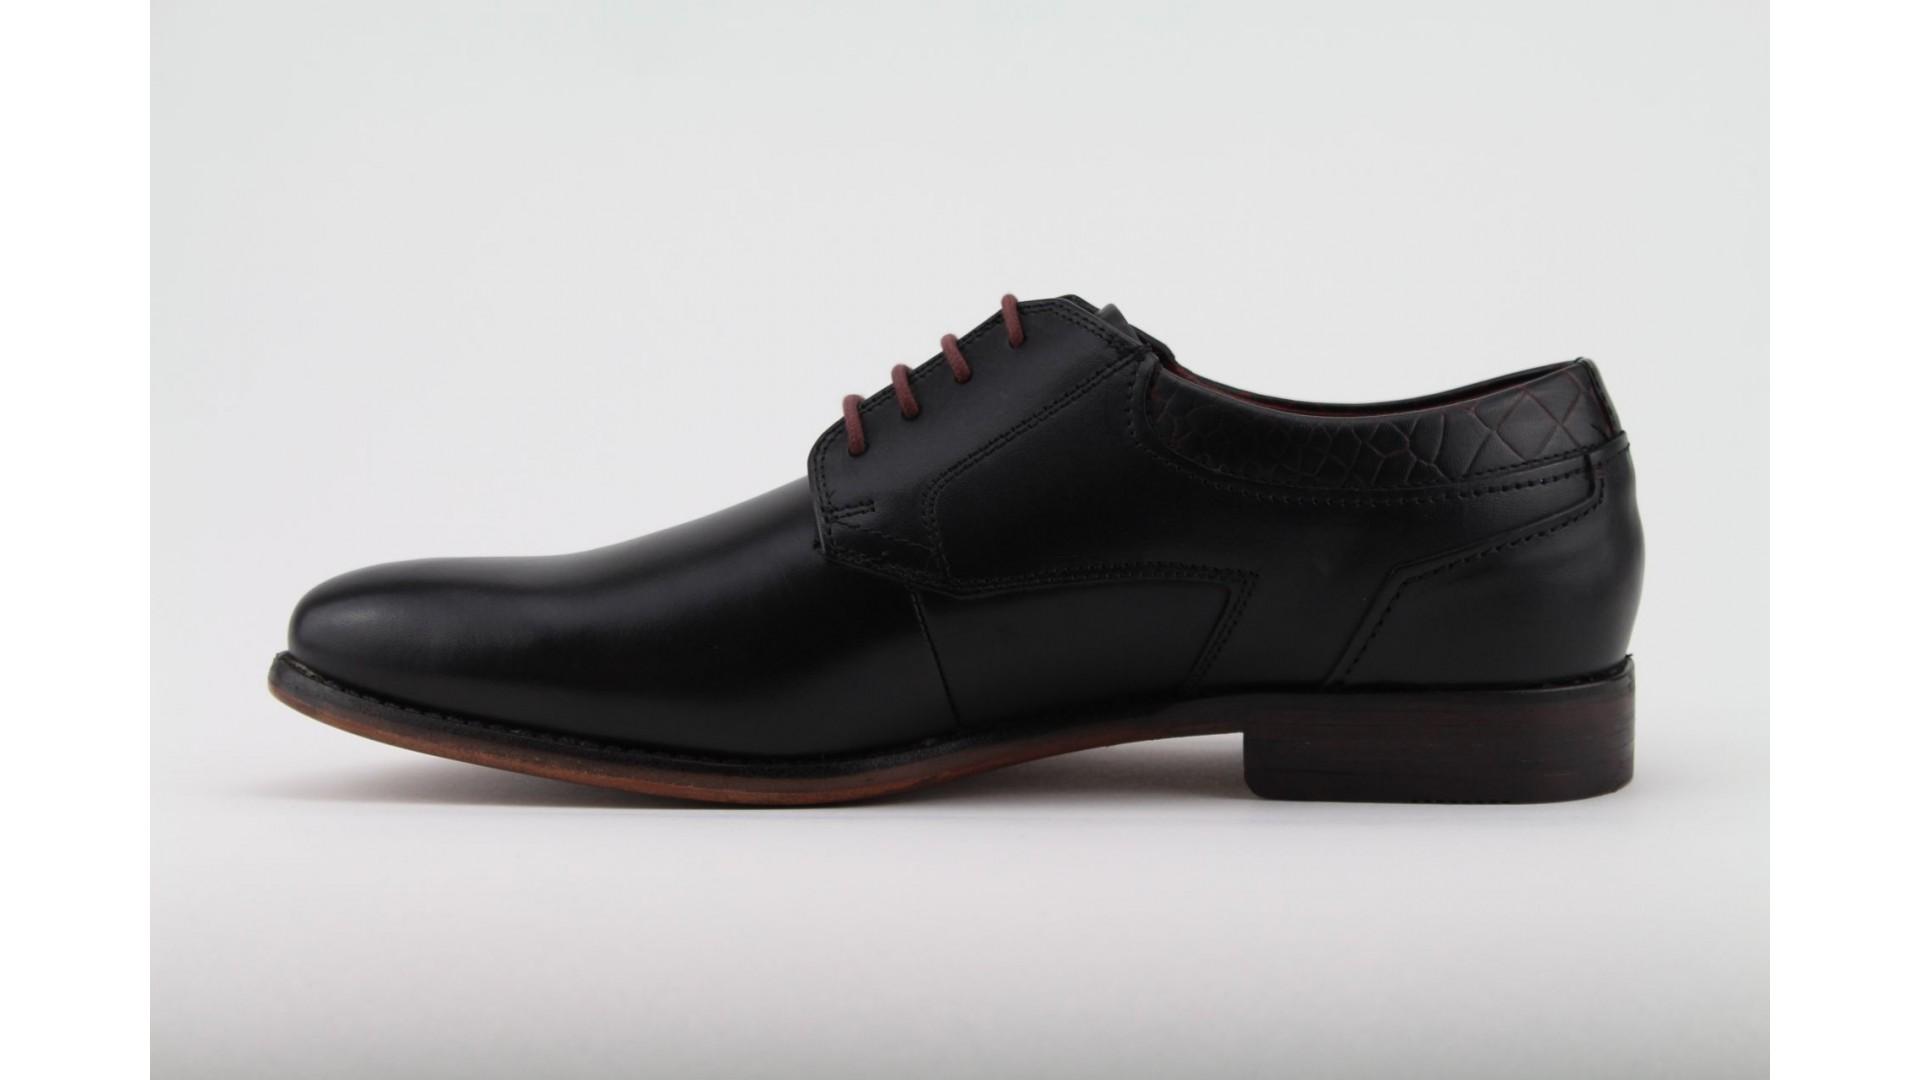 4b4999198e BUGATTI fekete bőr férfi cipő